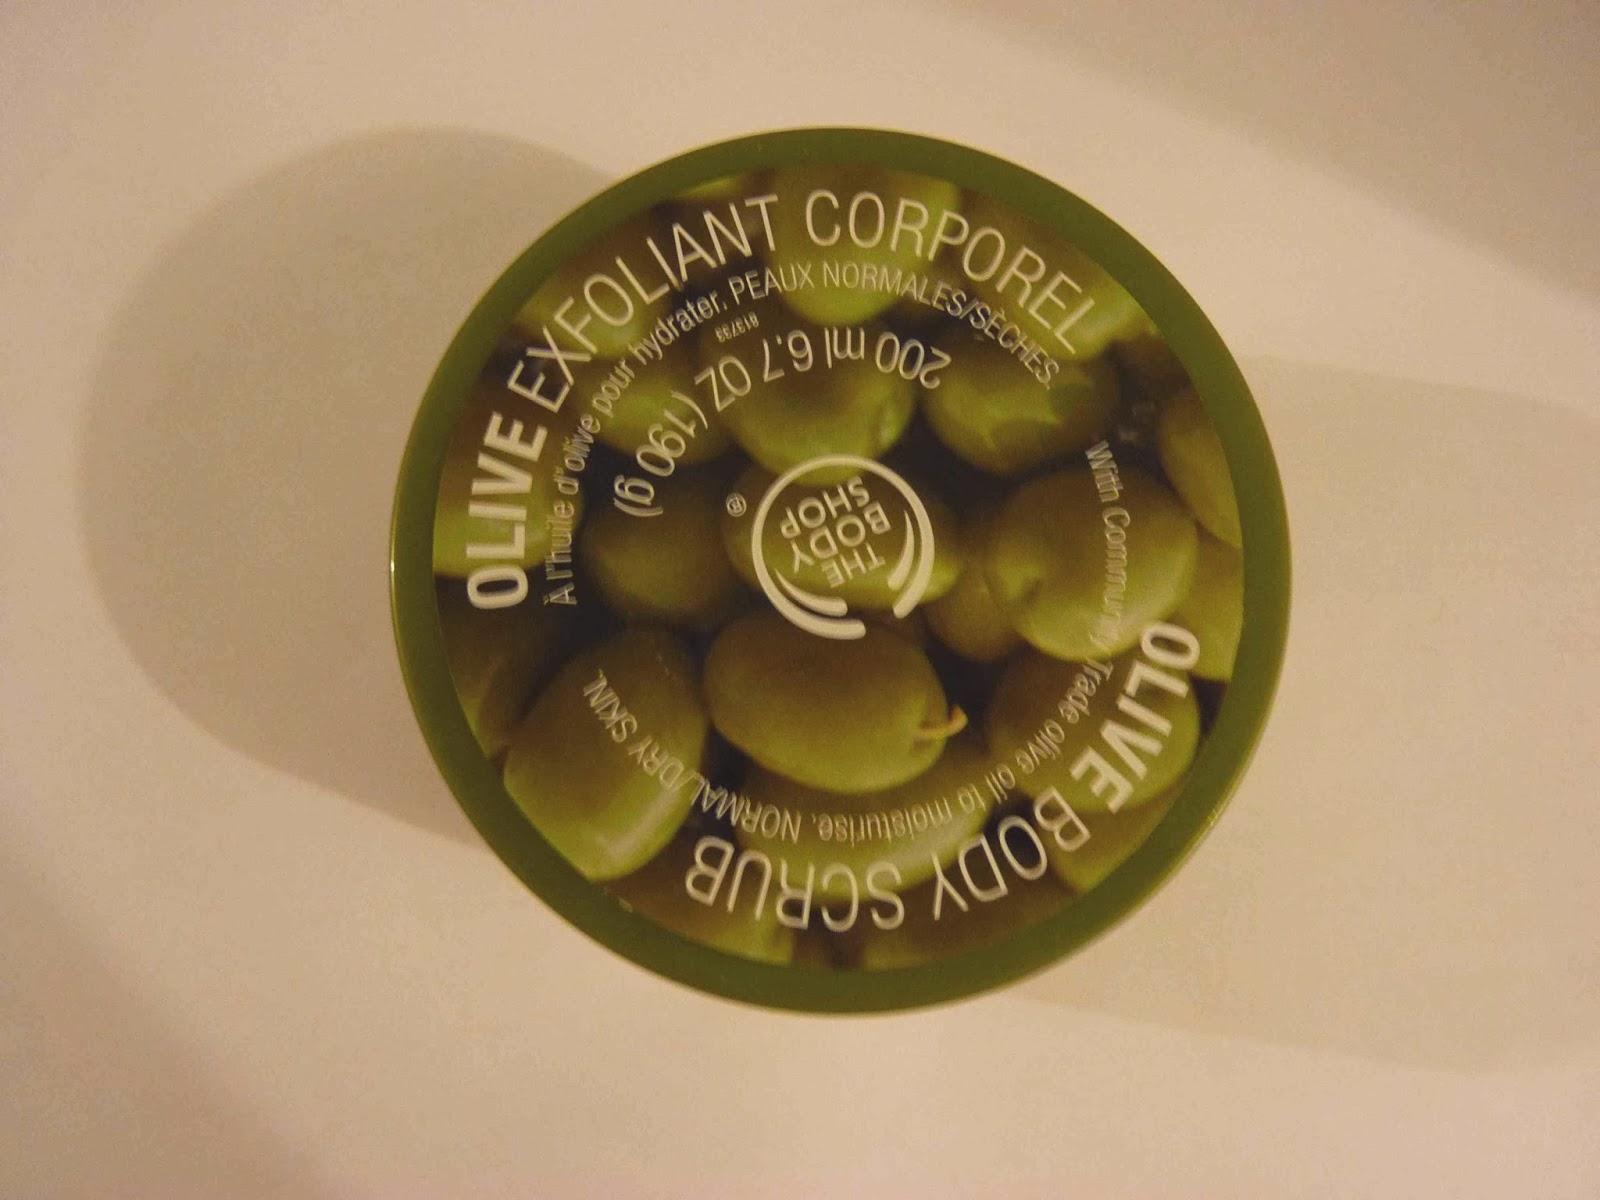 TBS, exfoliant corporel, exfoliant à l'olive the body shop,